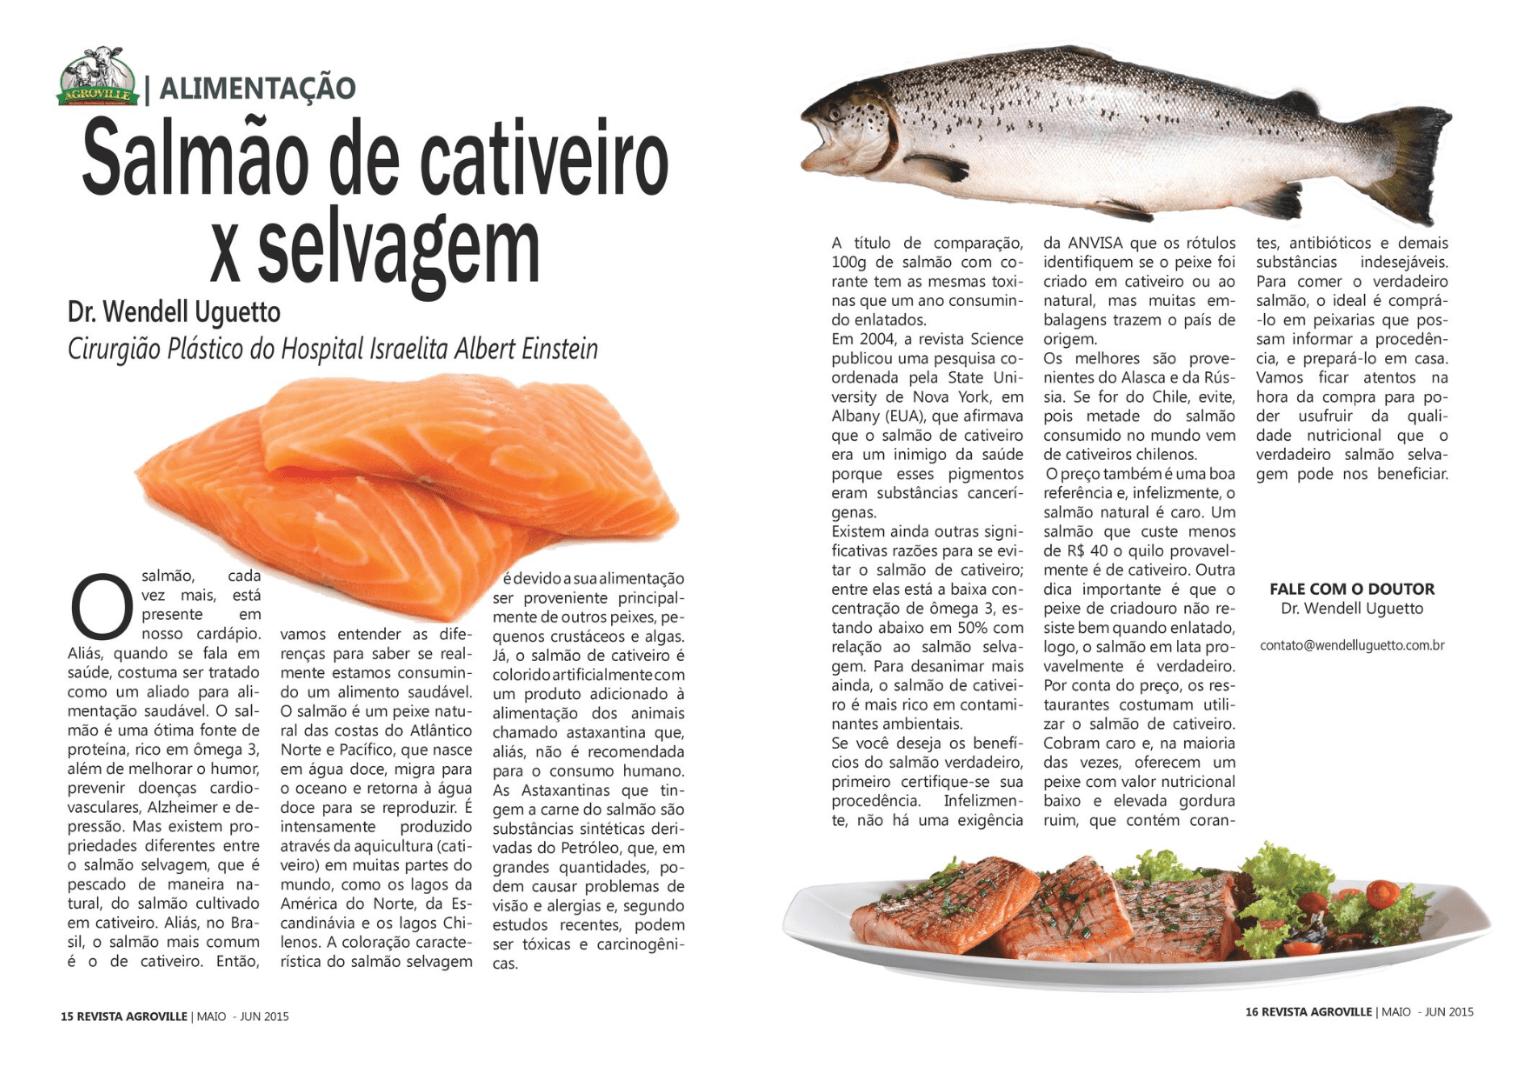 Resultado de imagem para imagens sobre salmão selvagem